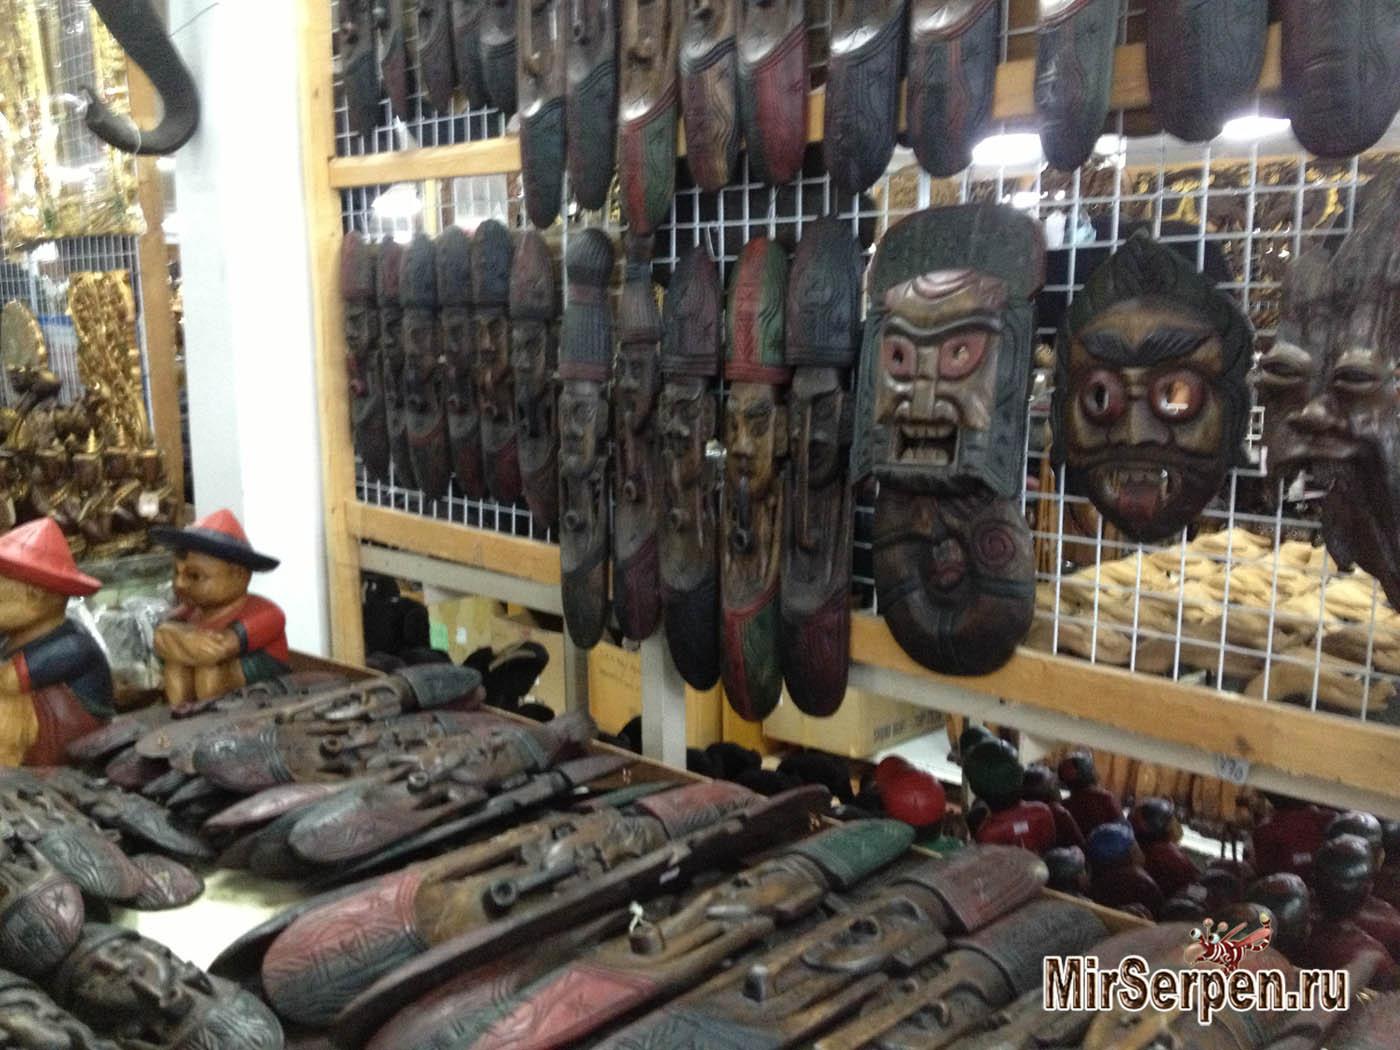 Шоппинг в Таиланде: Изделия из дерева